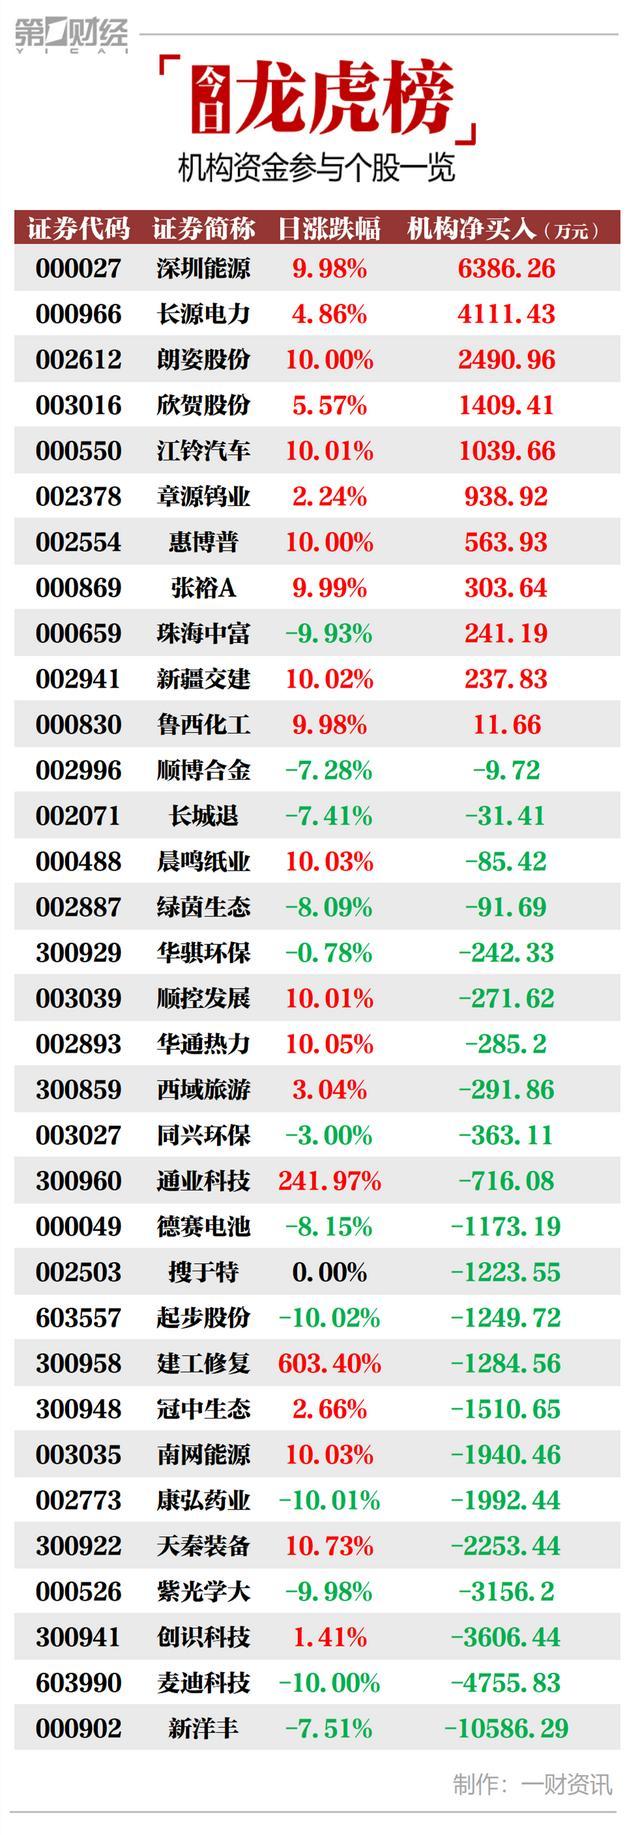 机构今日买入这11股,卖出新洋丰1.06亿元丨龙虎榜